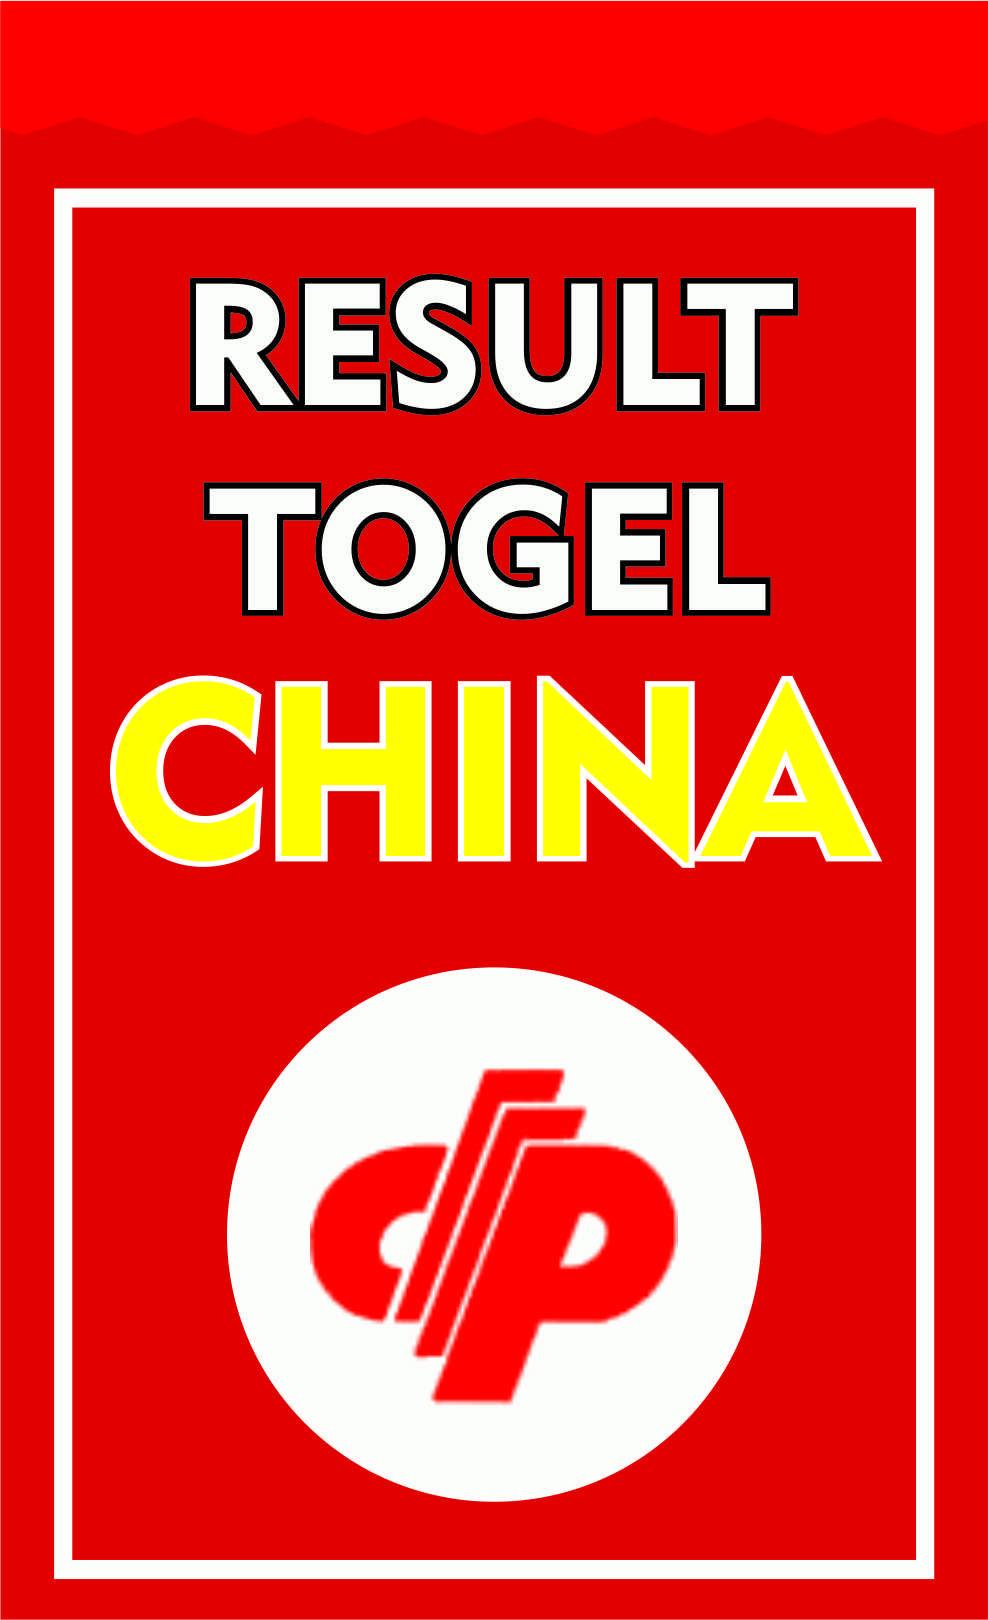 Hasil togel china hari ini